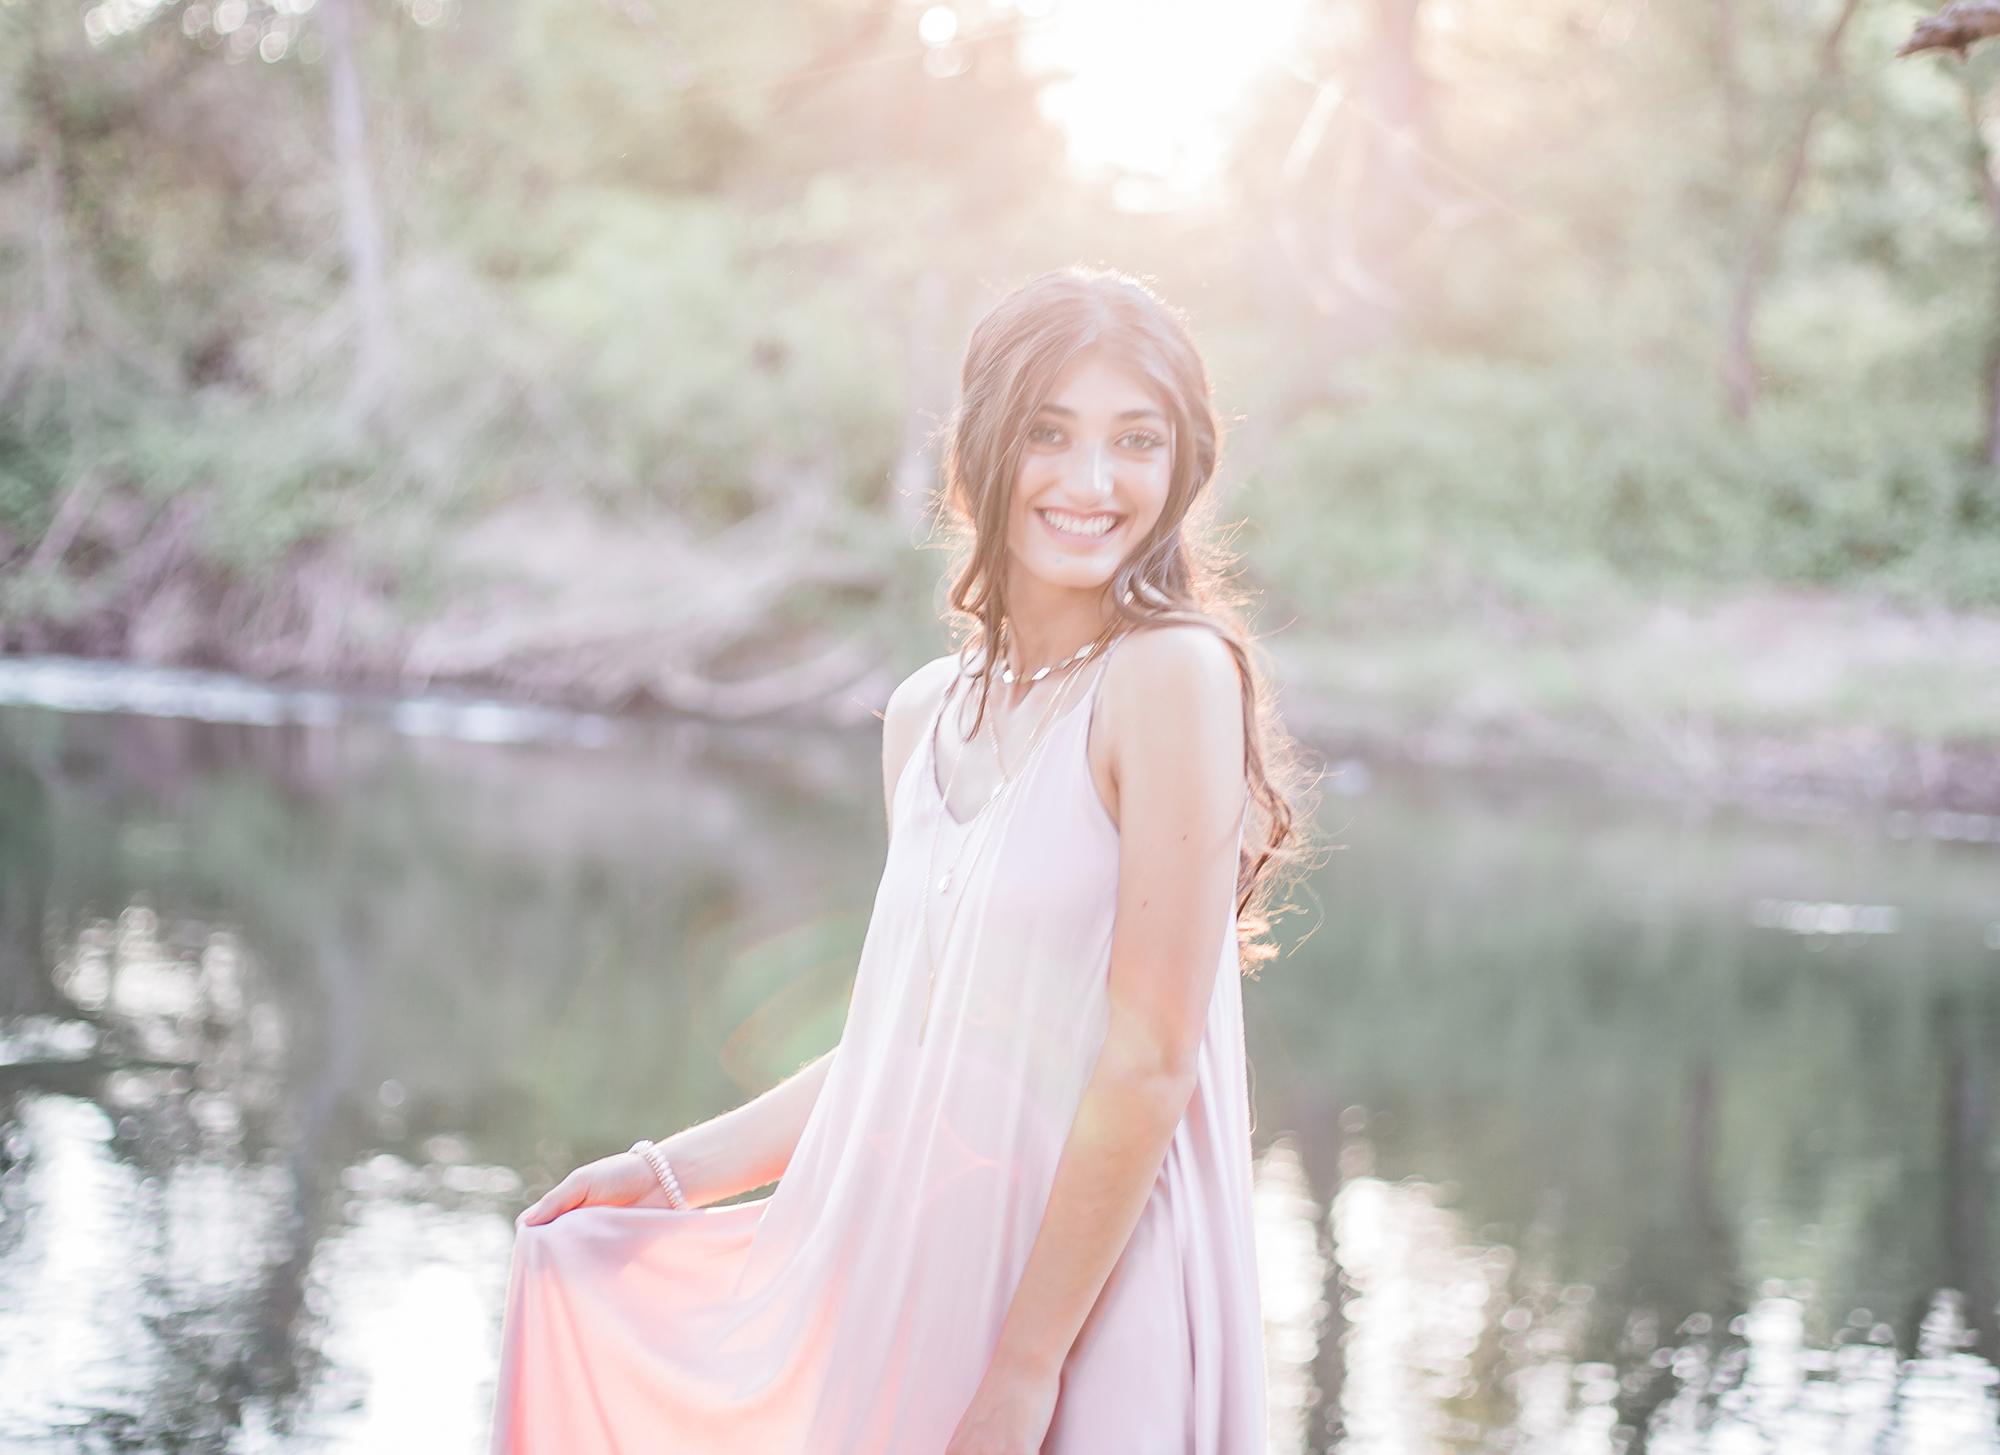 Senior Portrait Photography, Lodi, CA and Stockton, CA